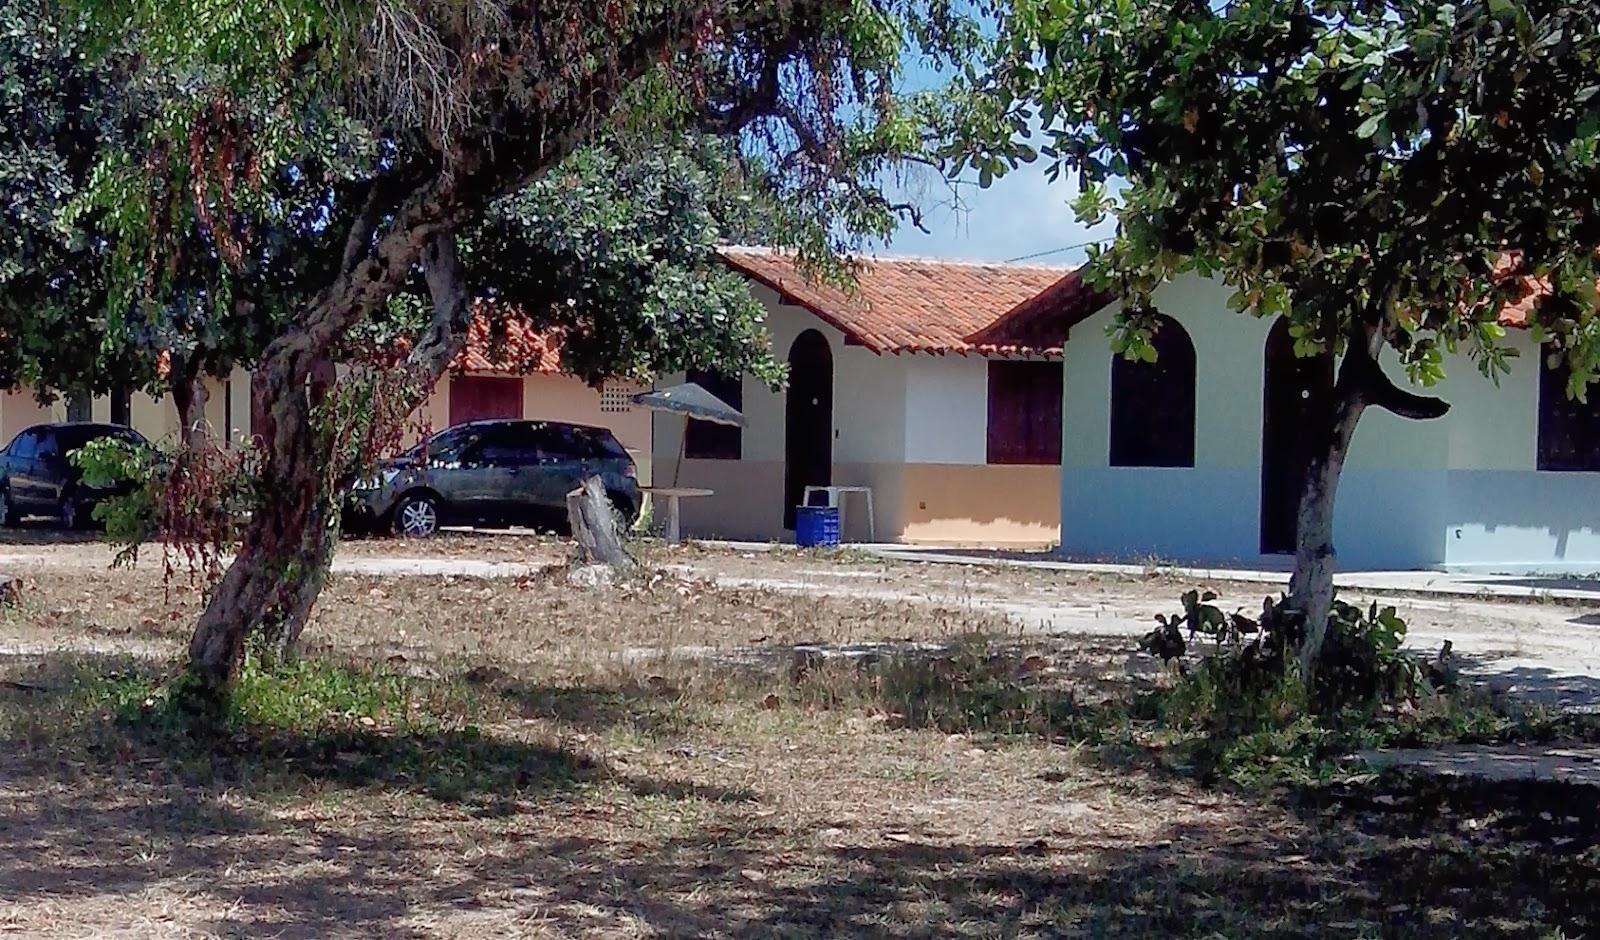 #48657E ACESSIBILIDADE ABSOLUTA: Férias em Tamandaré 1600x940 px tamanho banheiro adaptado